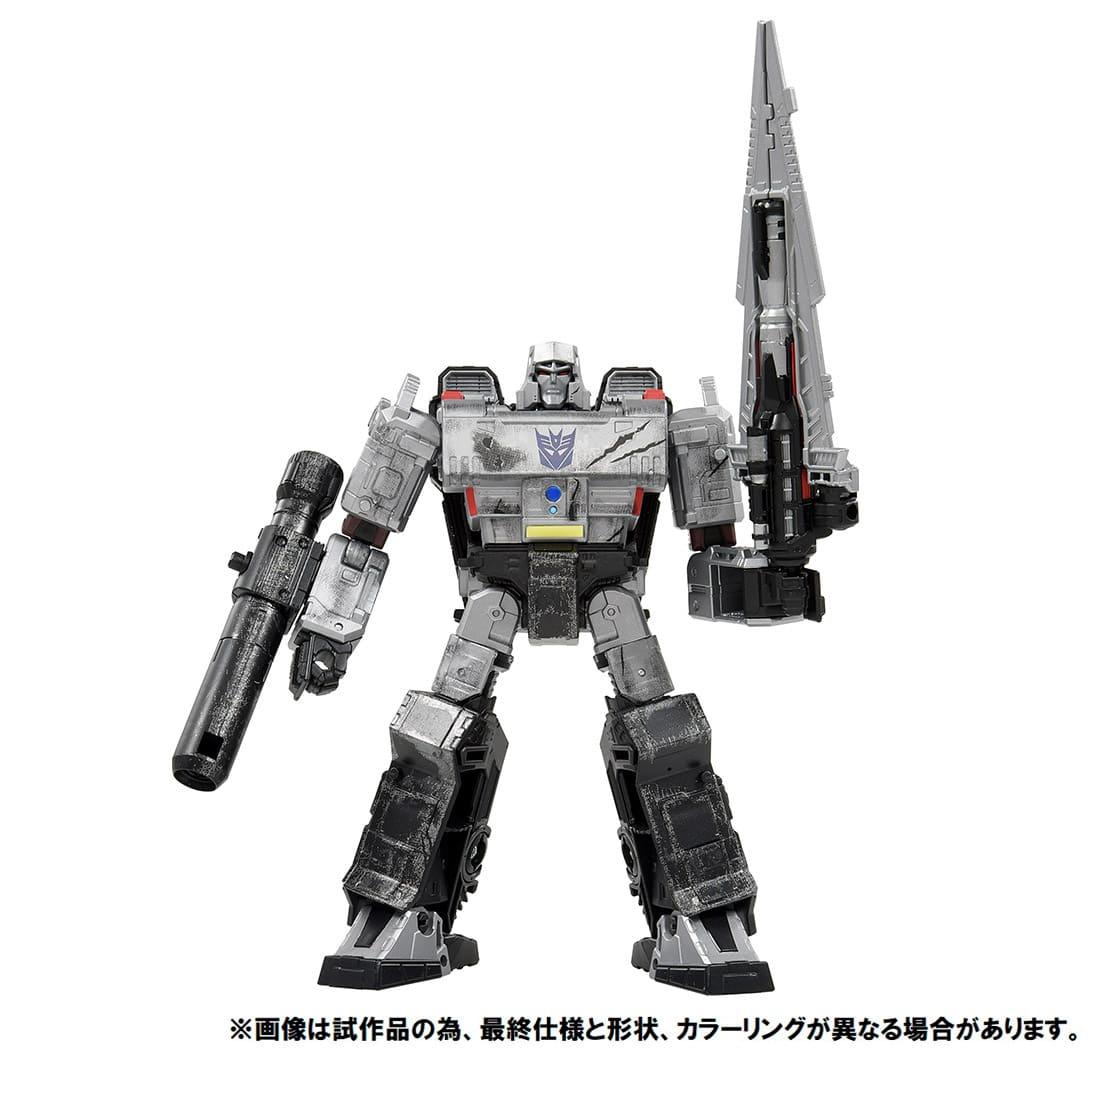 トランスフォーマー プレミアムフィニッシュ『PF WFC-02 メガトロン』可変可動フィギュア-008